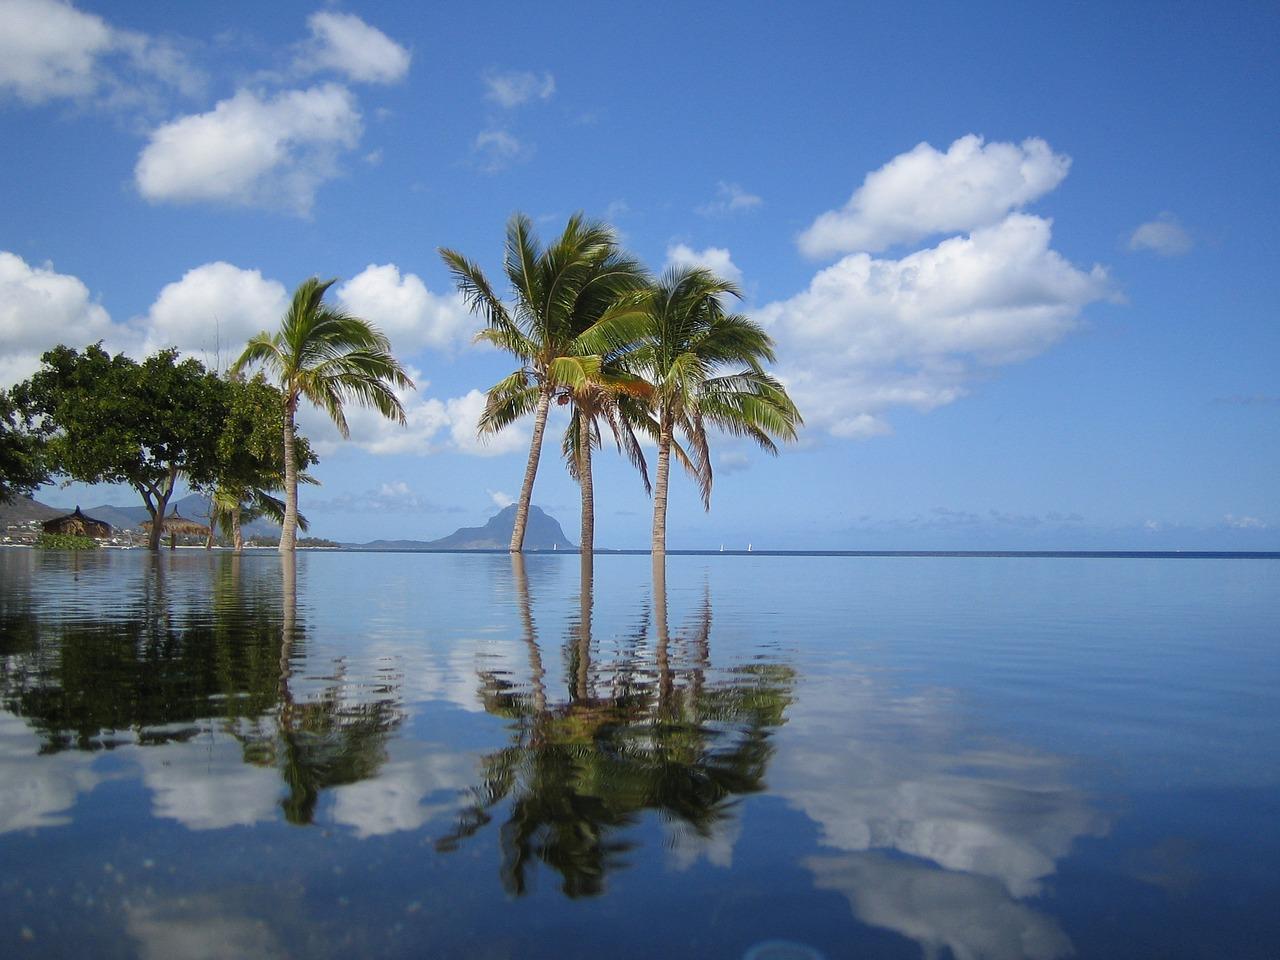 mauritius_ocean beach_PD